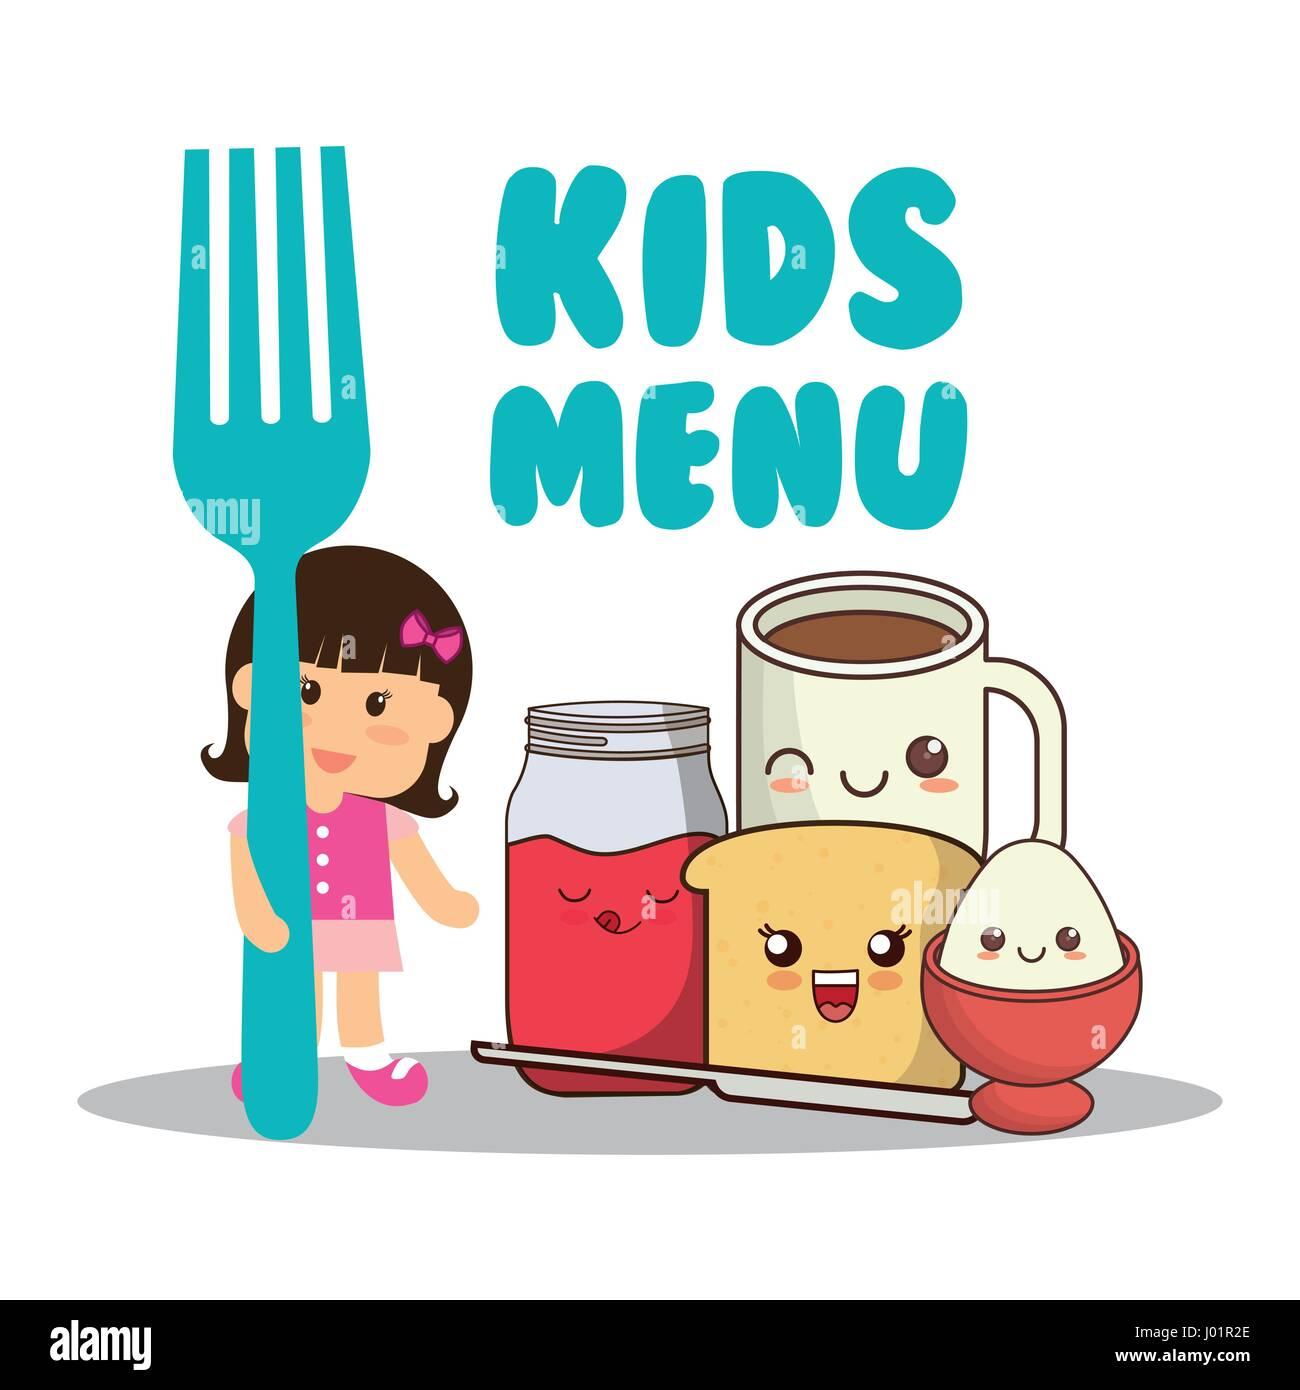 kids menu girl fork breakfast diet - Stock Image